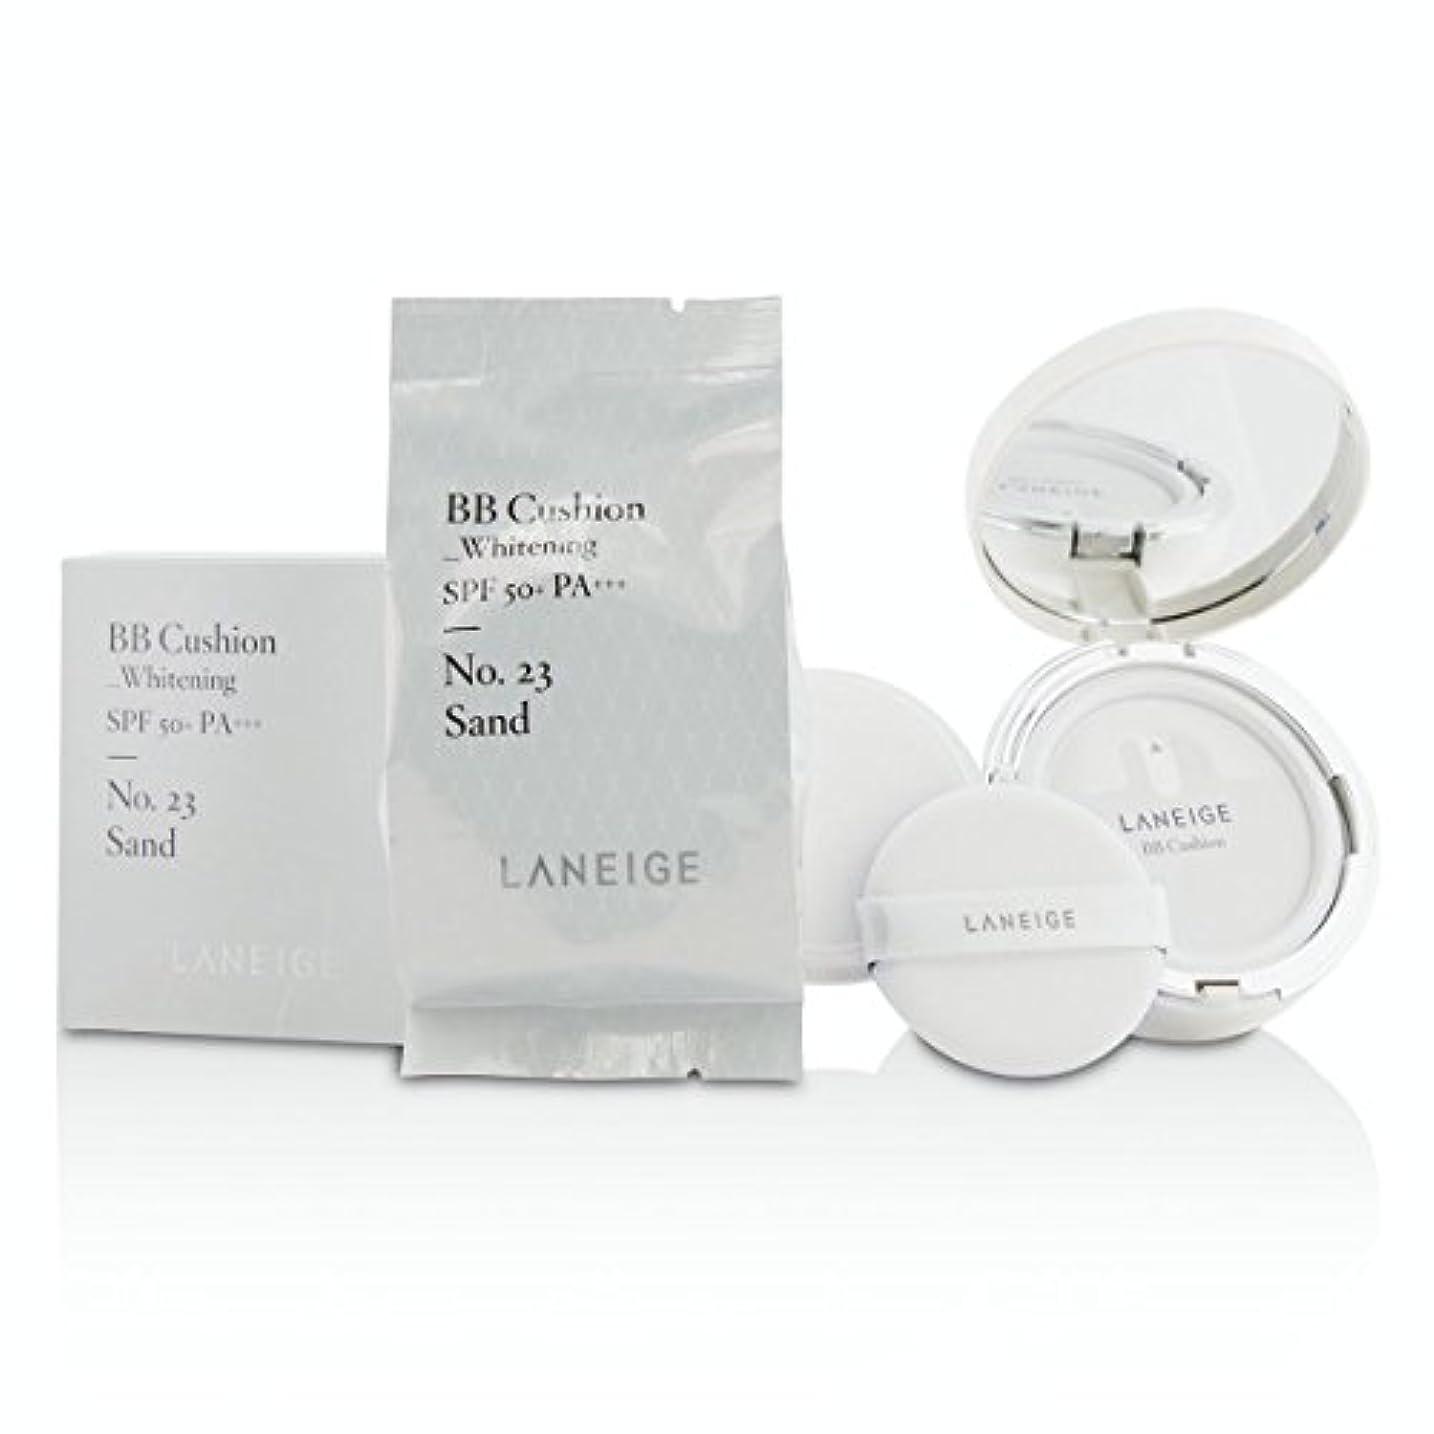 トリップウォーターフロント雄大な[Laneige] BB Cushion Foundation (Whitening) SPF 50 With Extra Refill - # No. 23 Sand 2x15g/0.5oz